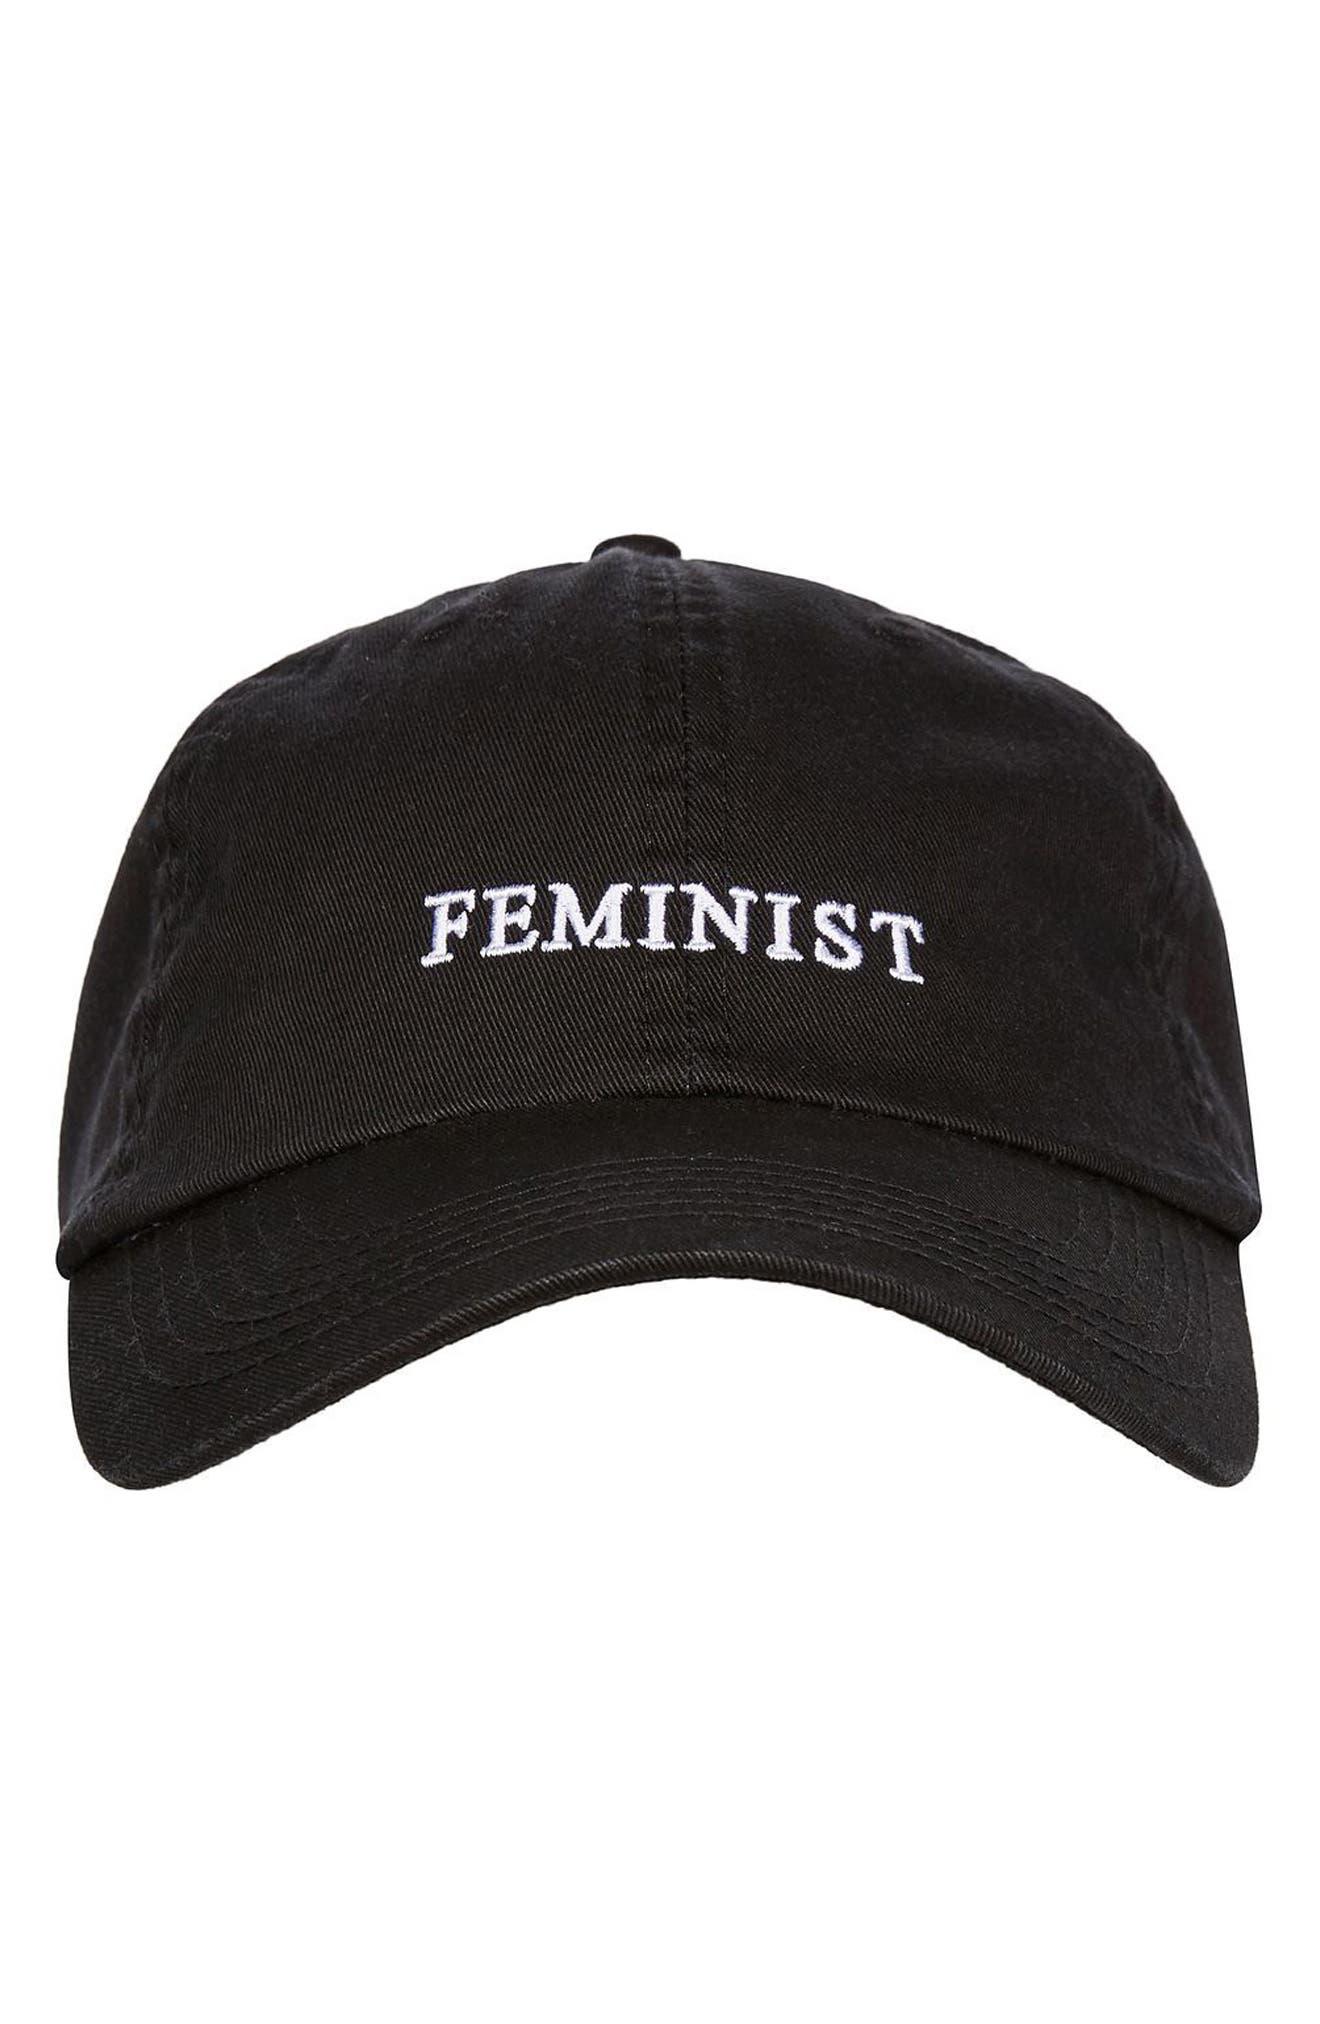 Feminist Baseball Cap,                             Alternate thumbnail 2, color,                             001